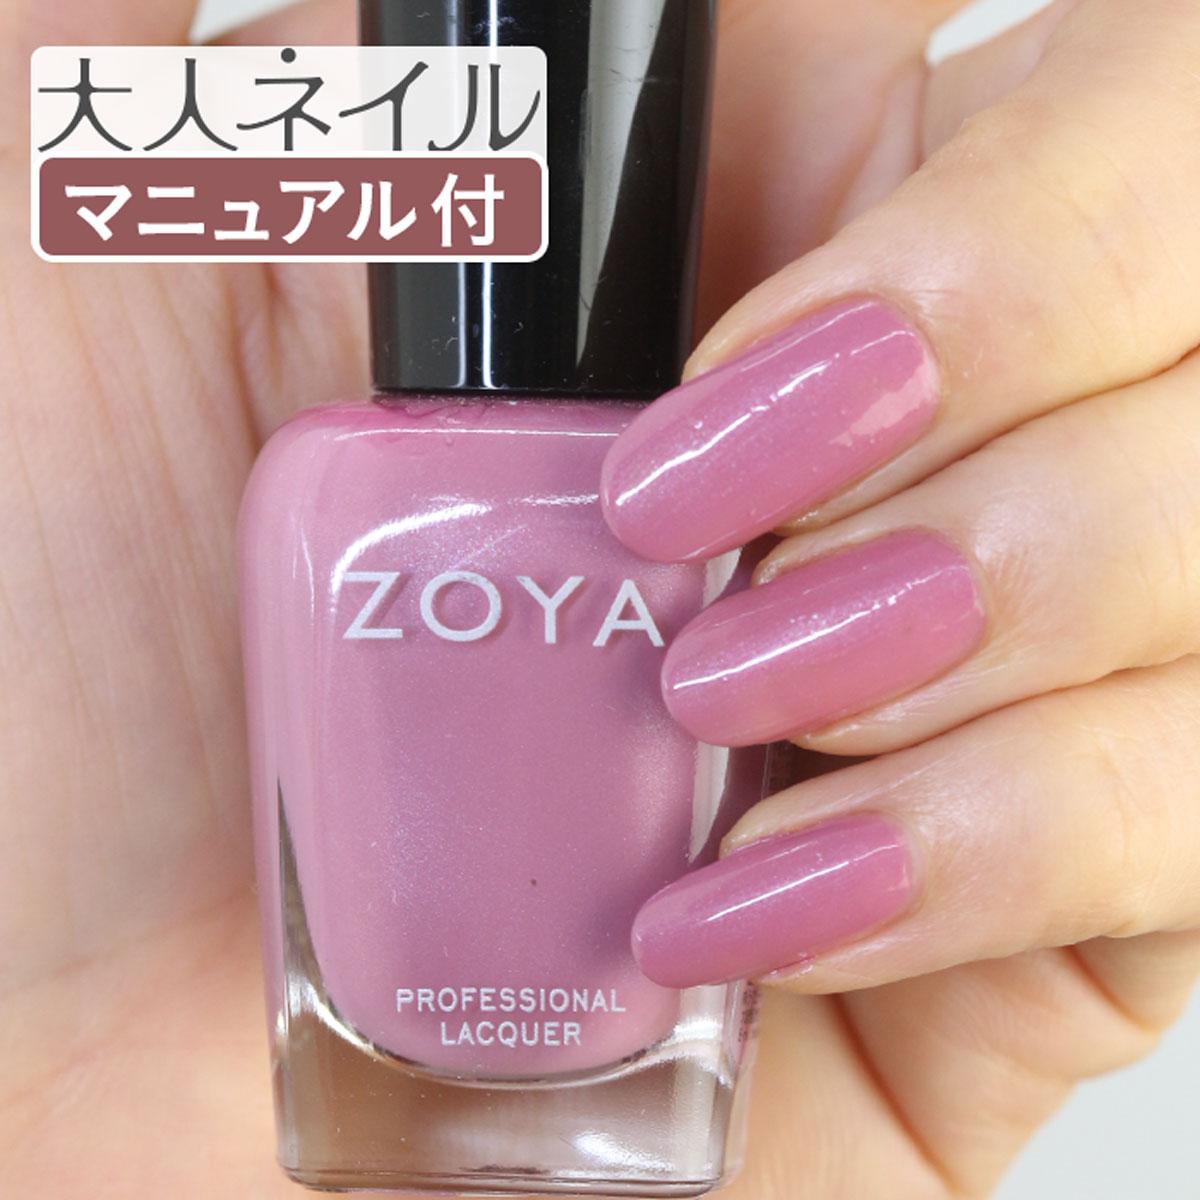 ZOYA ゾーヤ ゾヤ ネイルカラー ZP318 15mL ARIELLE アリエル 自爪 の為に作られた ネイル にやさしい 自然派 マニキュア zoya セルフネイル にもおすすめ パール ローズ ピンク イエローベース イエベ